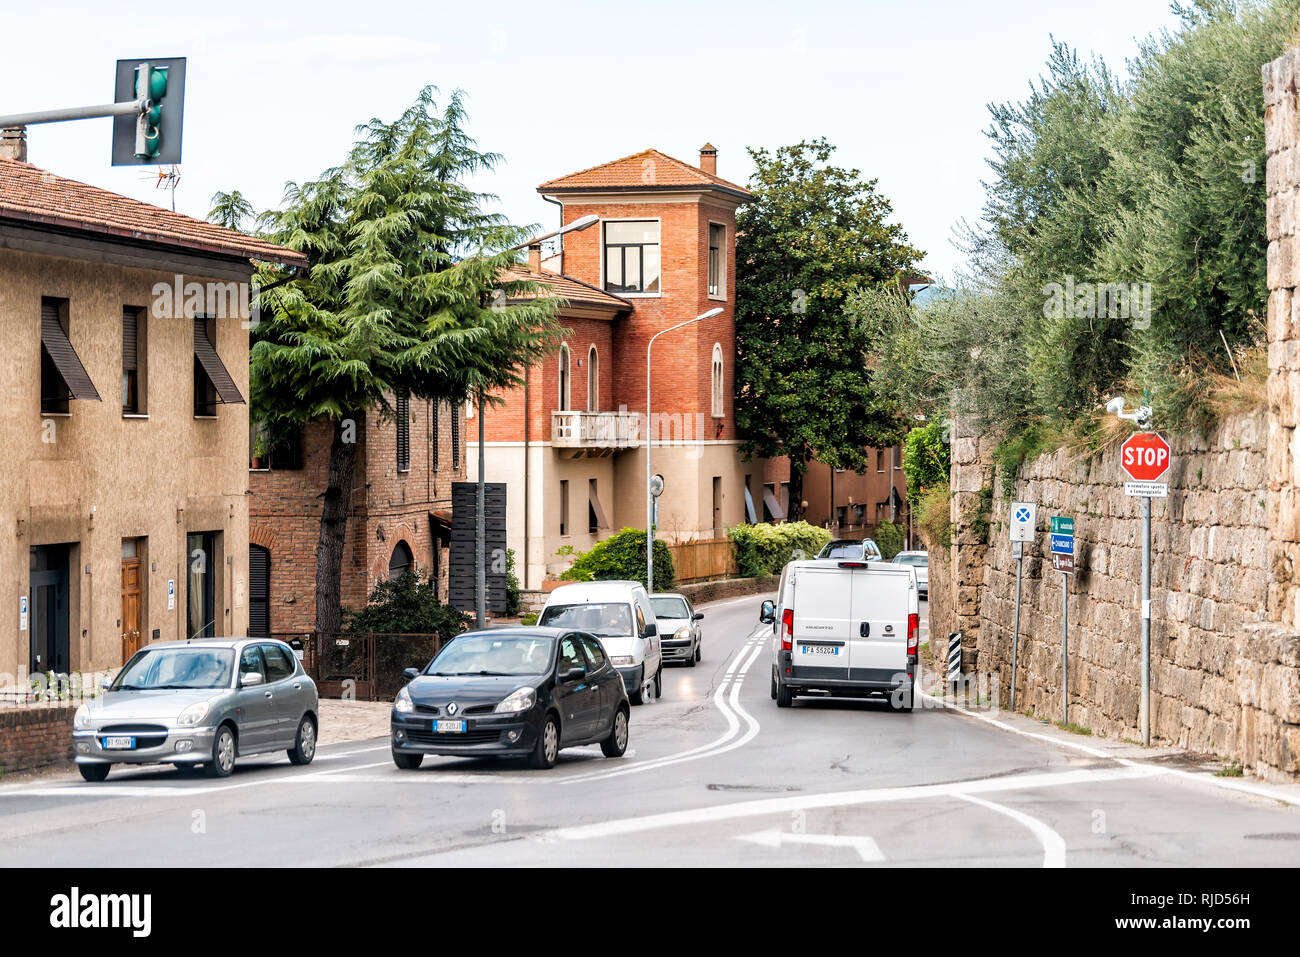 Chiusi, Italien - 27. August 2018: Verkehr auf Straße Straße in der kleinen Stadt Dorf in Umbrien bei Tag mit historischen Gebäuden und STOP-Schild auf Ampel Stockbild